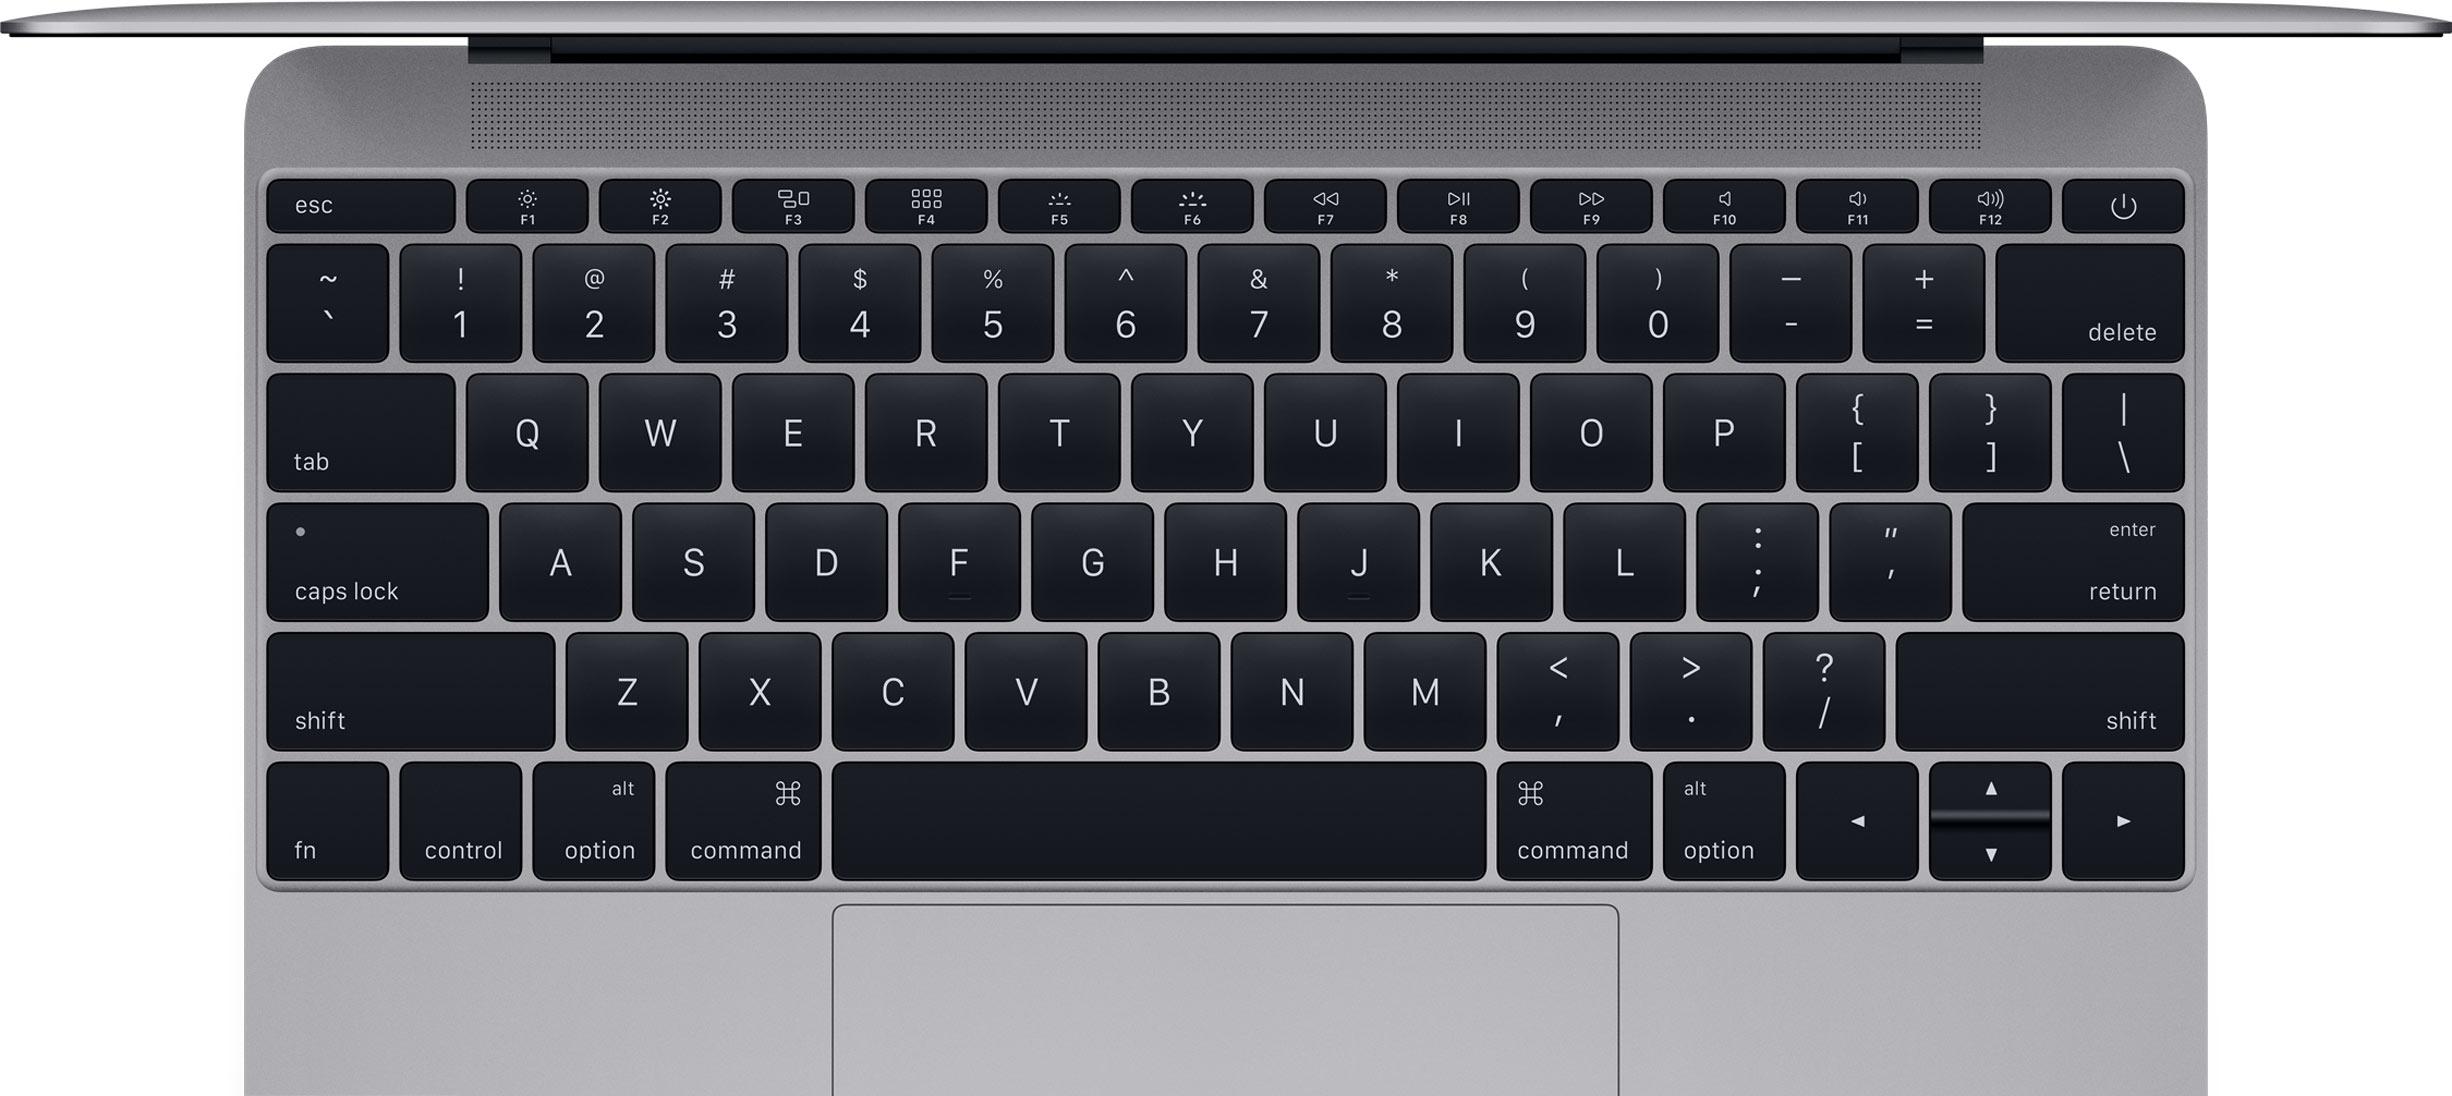 A clean MacBook keyboard